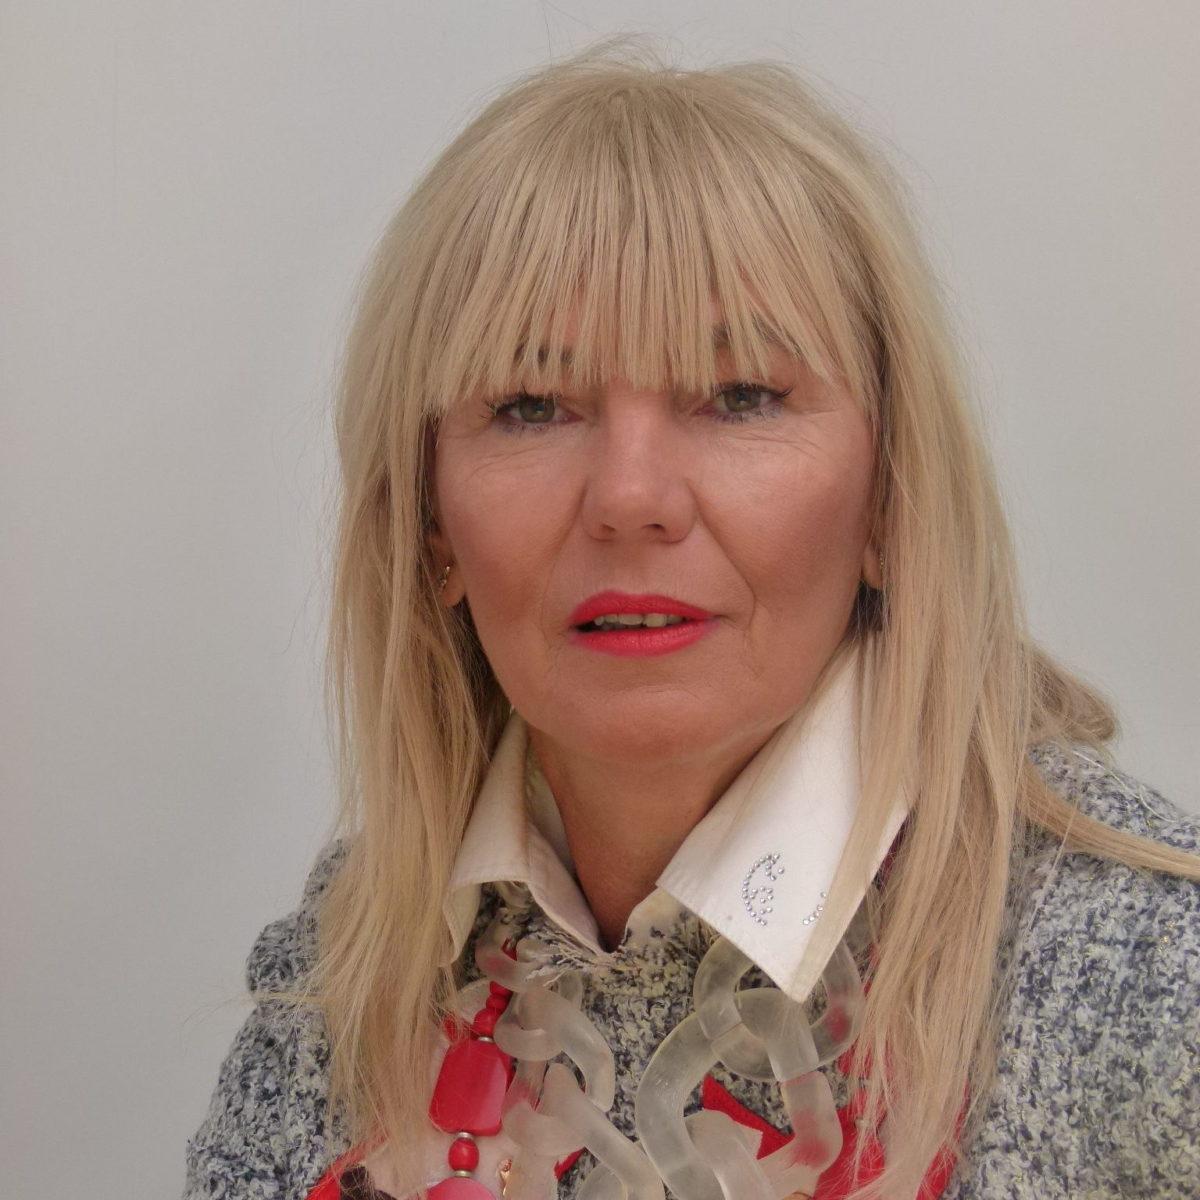 Klaudia Hoeflich